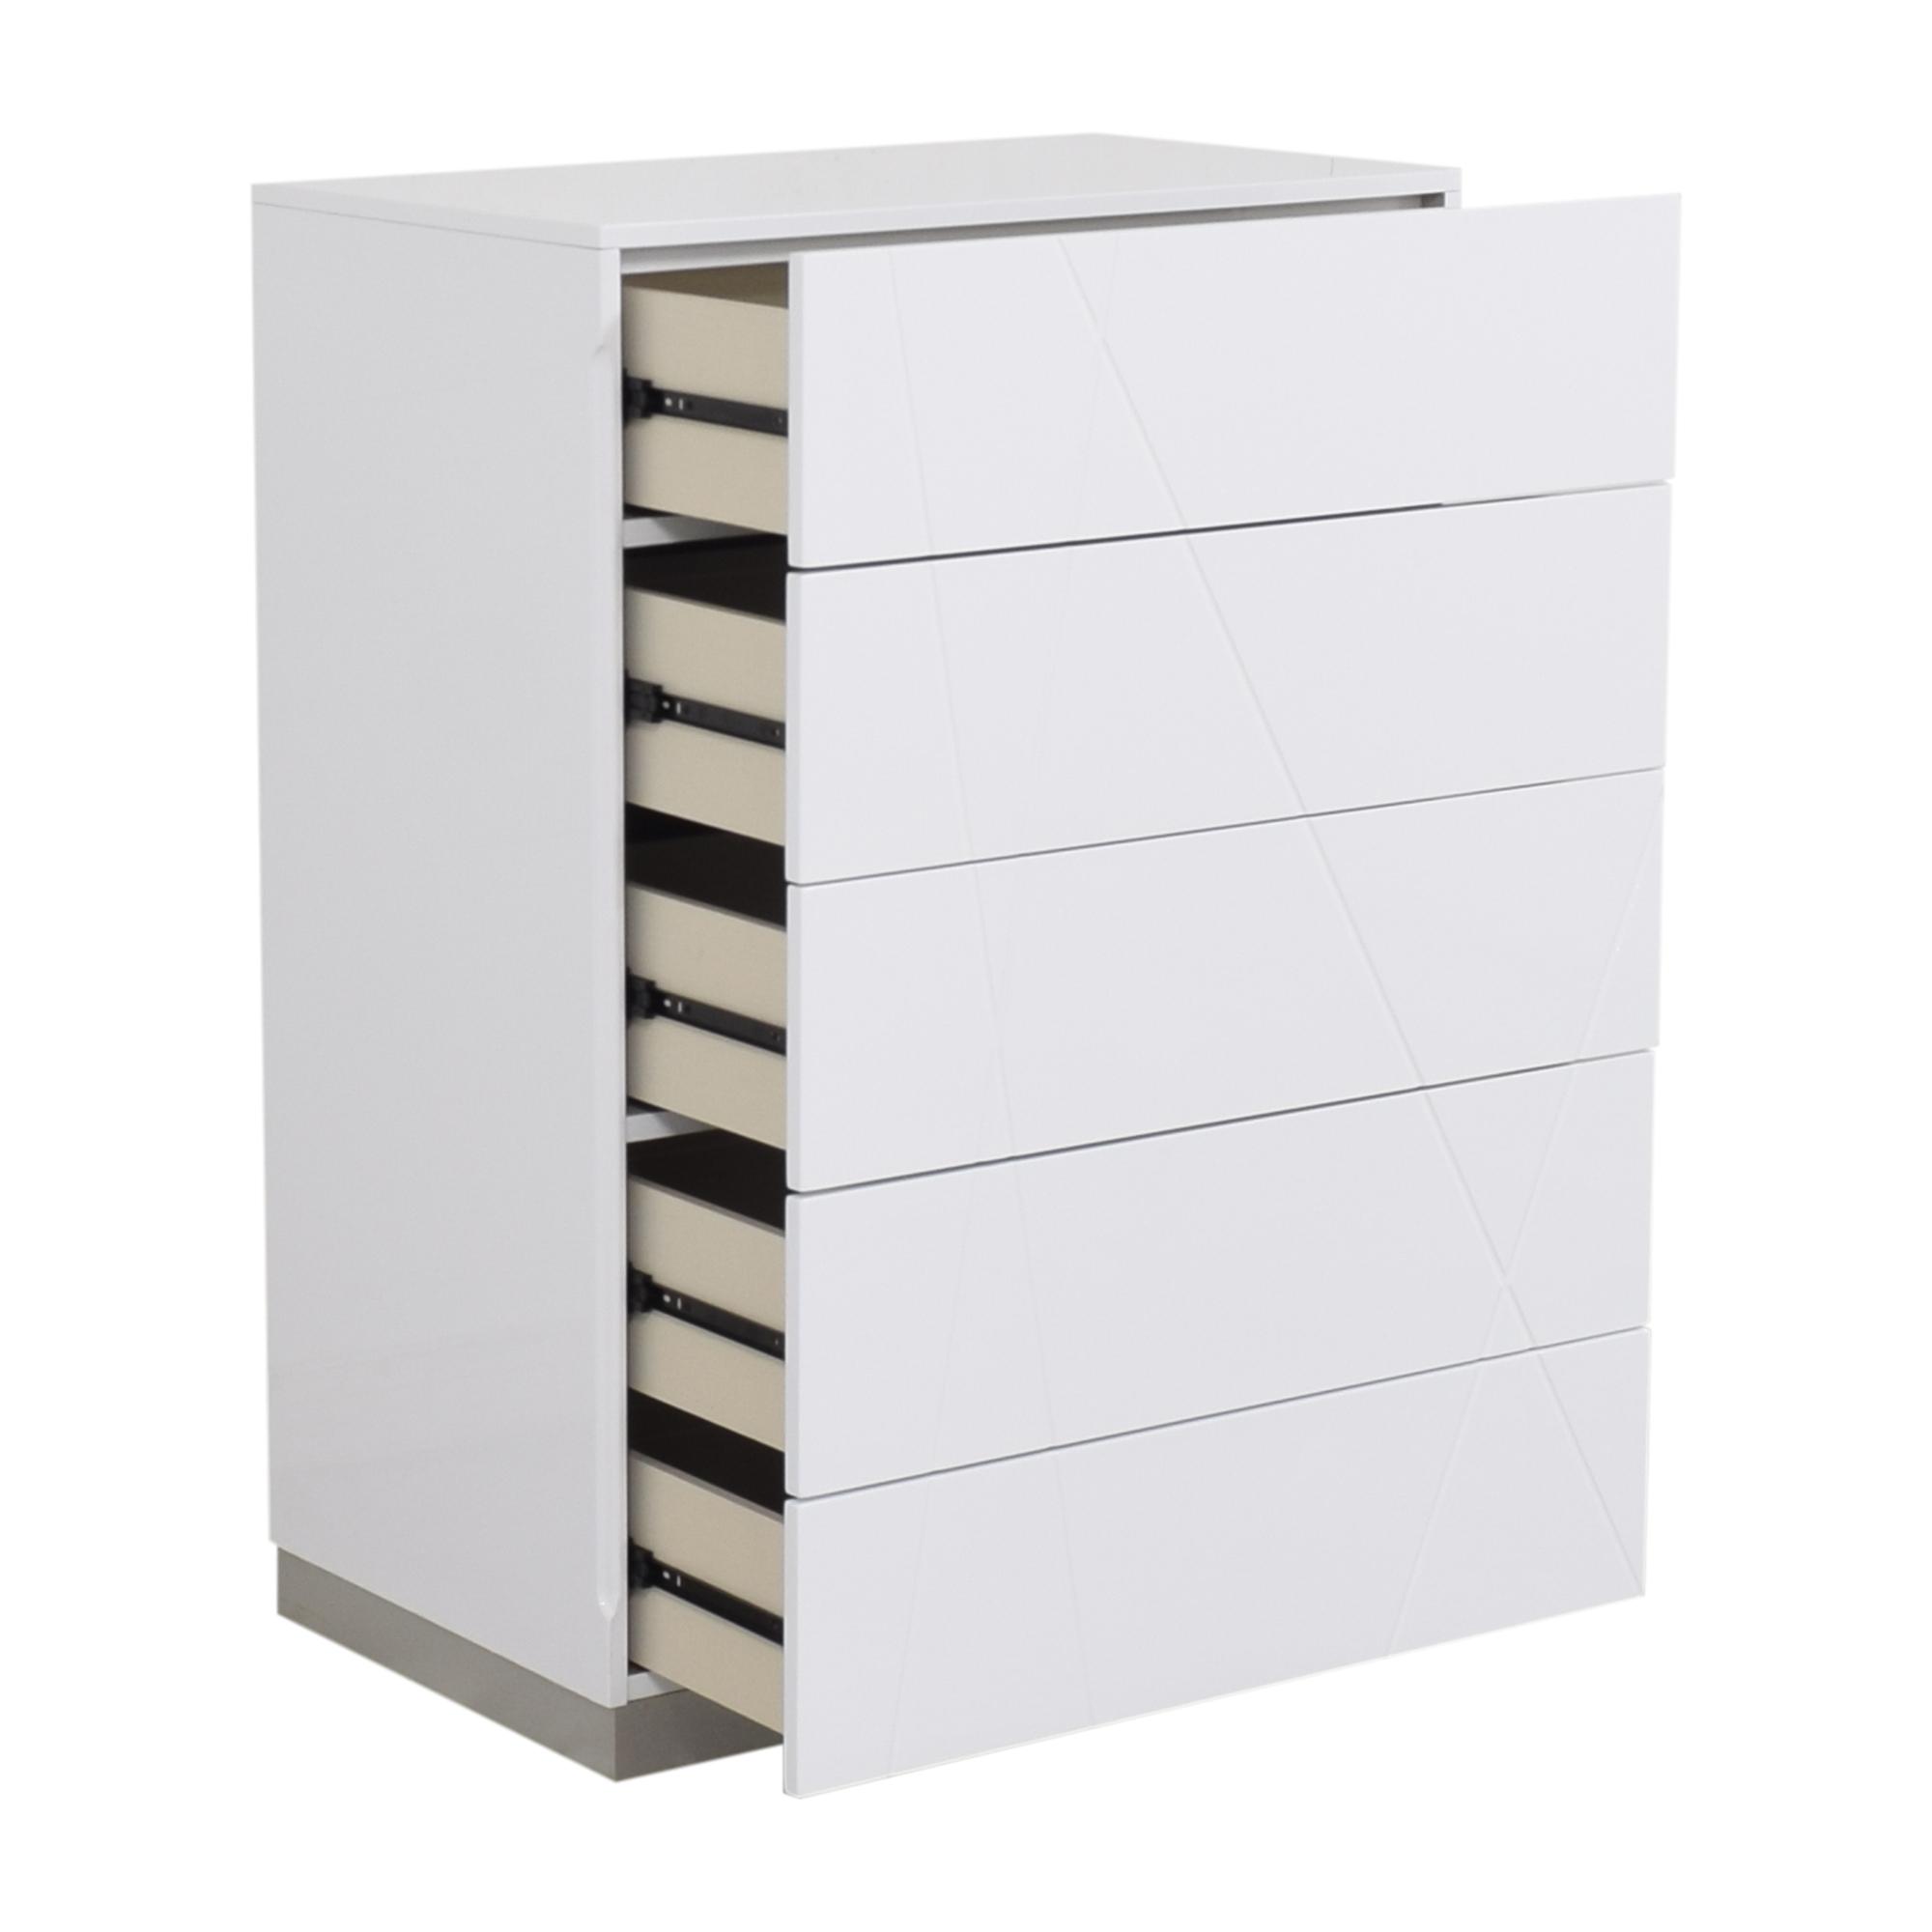 Orren Ellis Orren Ellis Anikesh Five Drawer Chest white